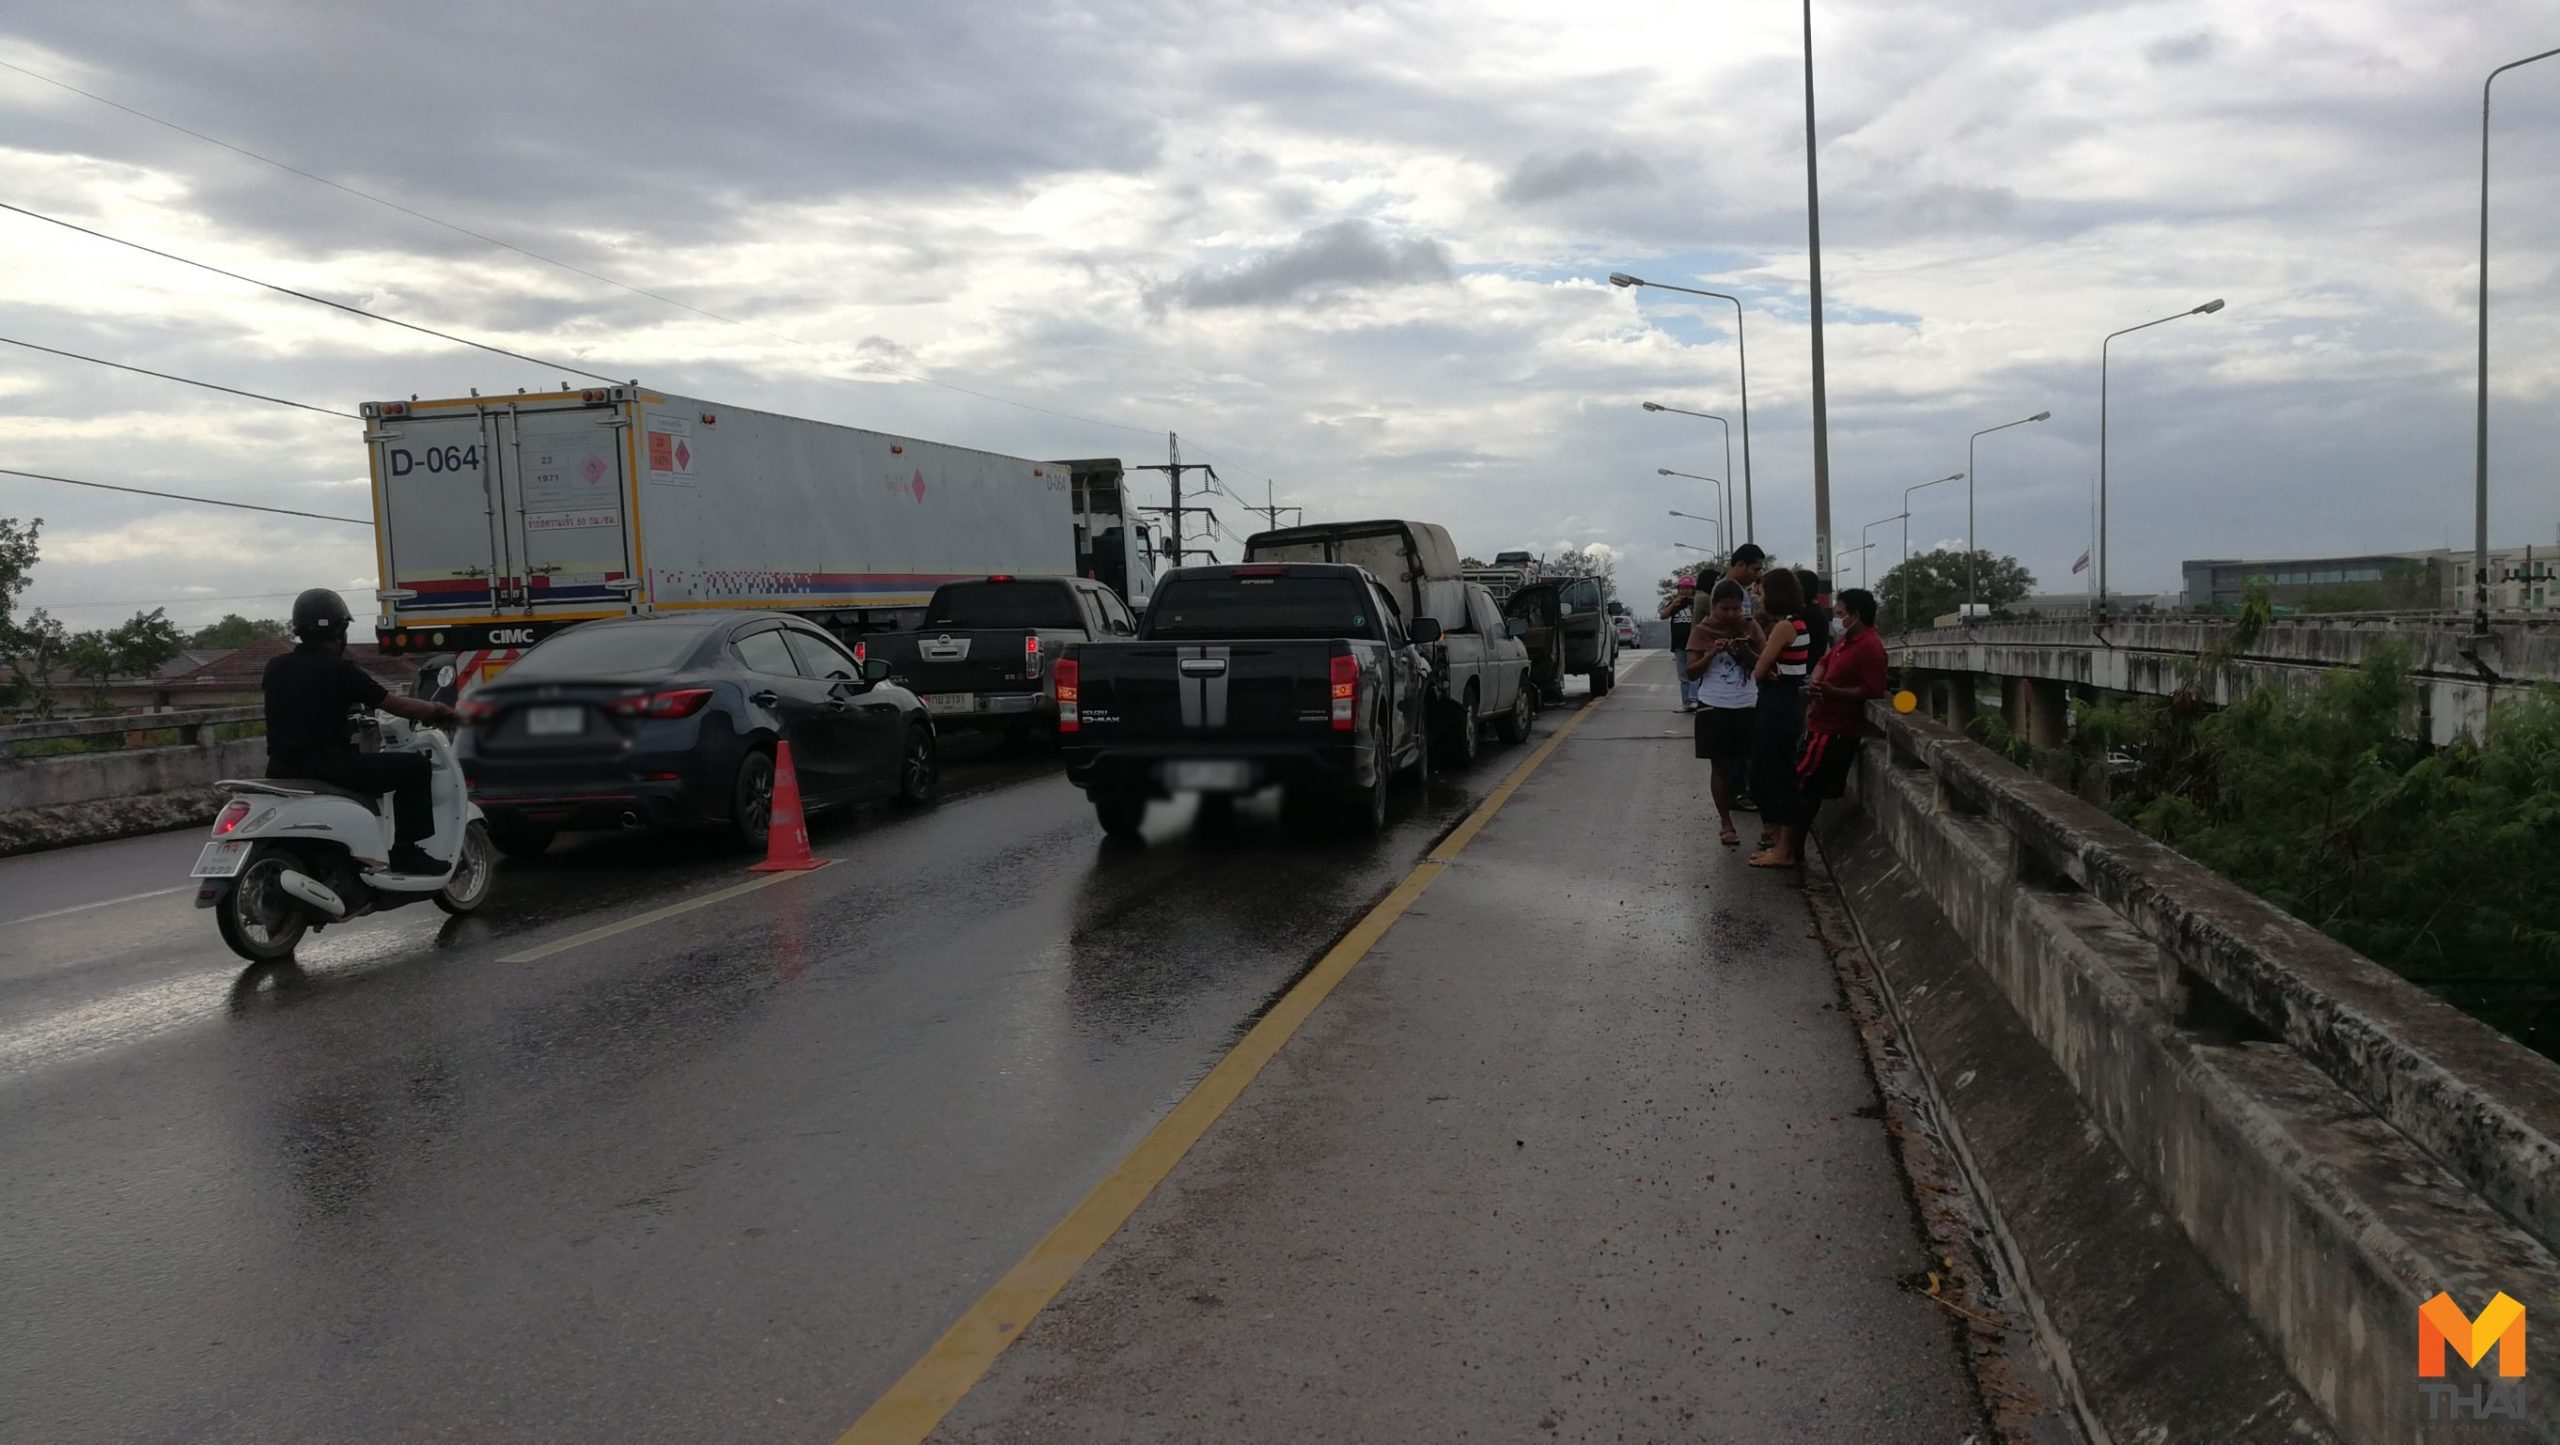 รถชนกัน 7 คันรวด!! กลางสะพานถนนสาเอเชีย ขาออกหาดใหญ่